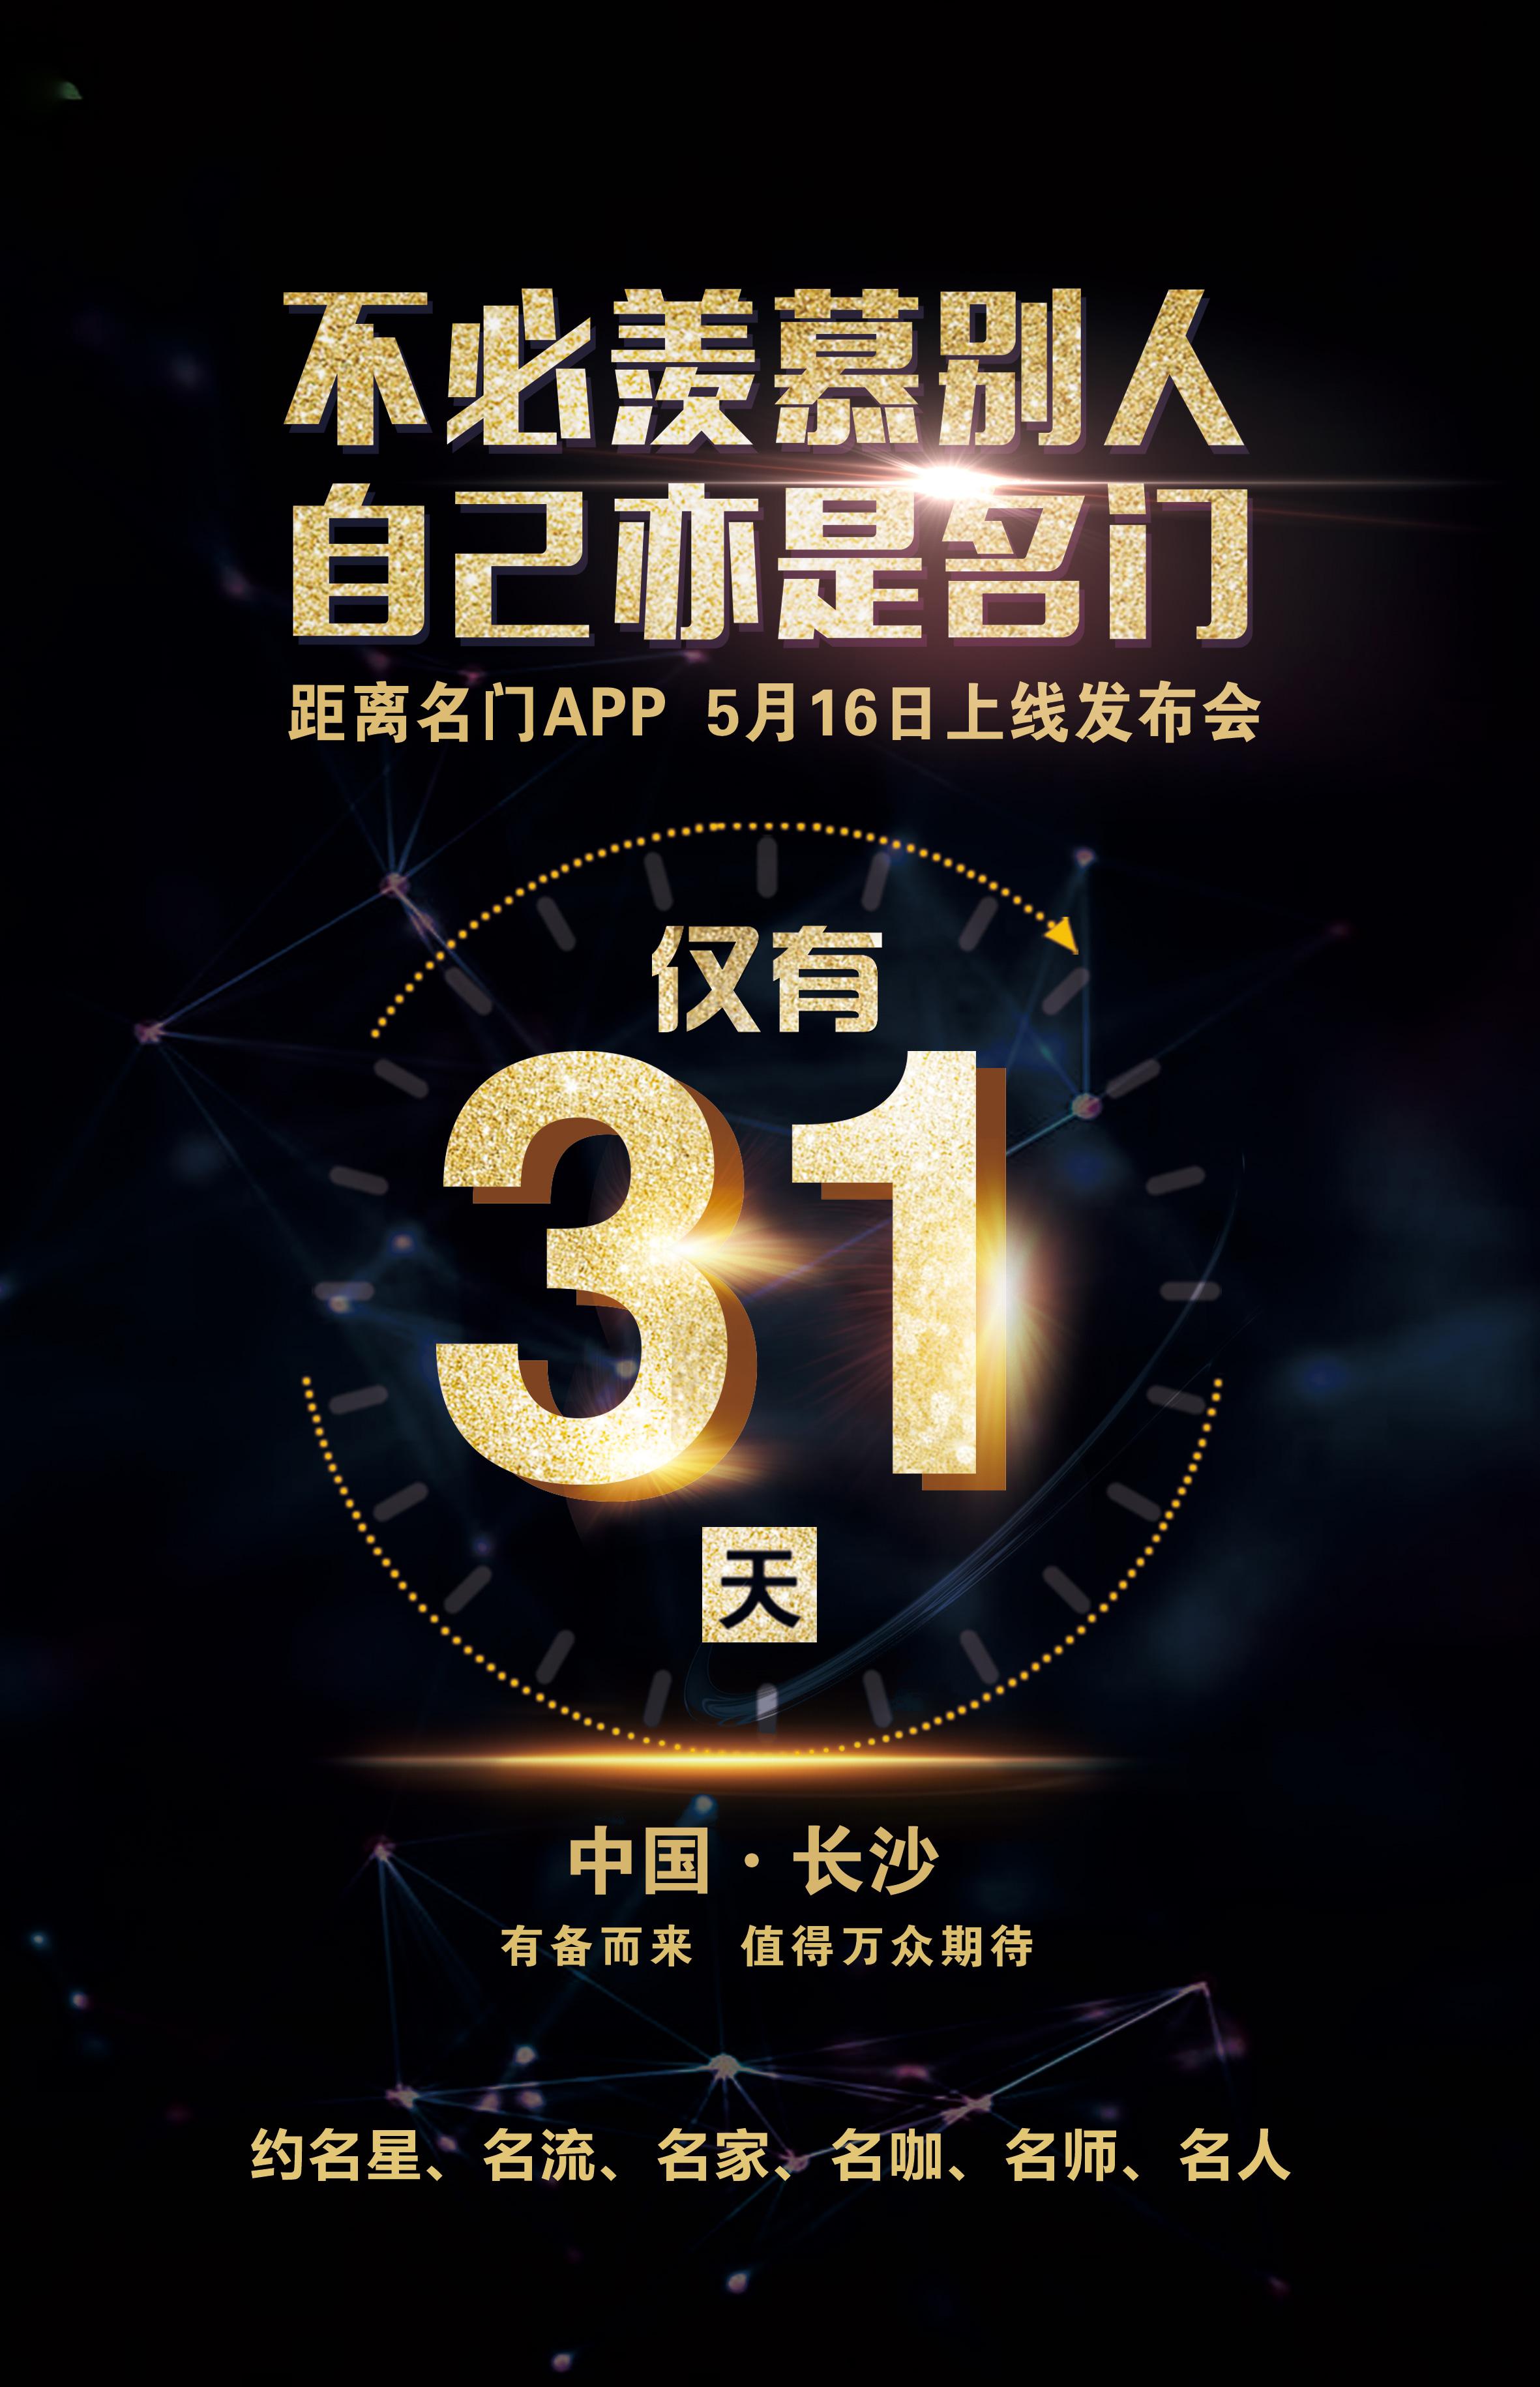 5.16中国·长沙名门APP发布会倒计时进行中_图1-6